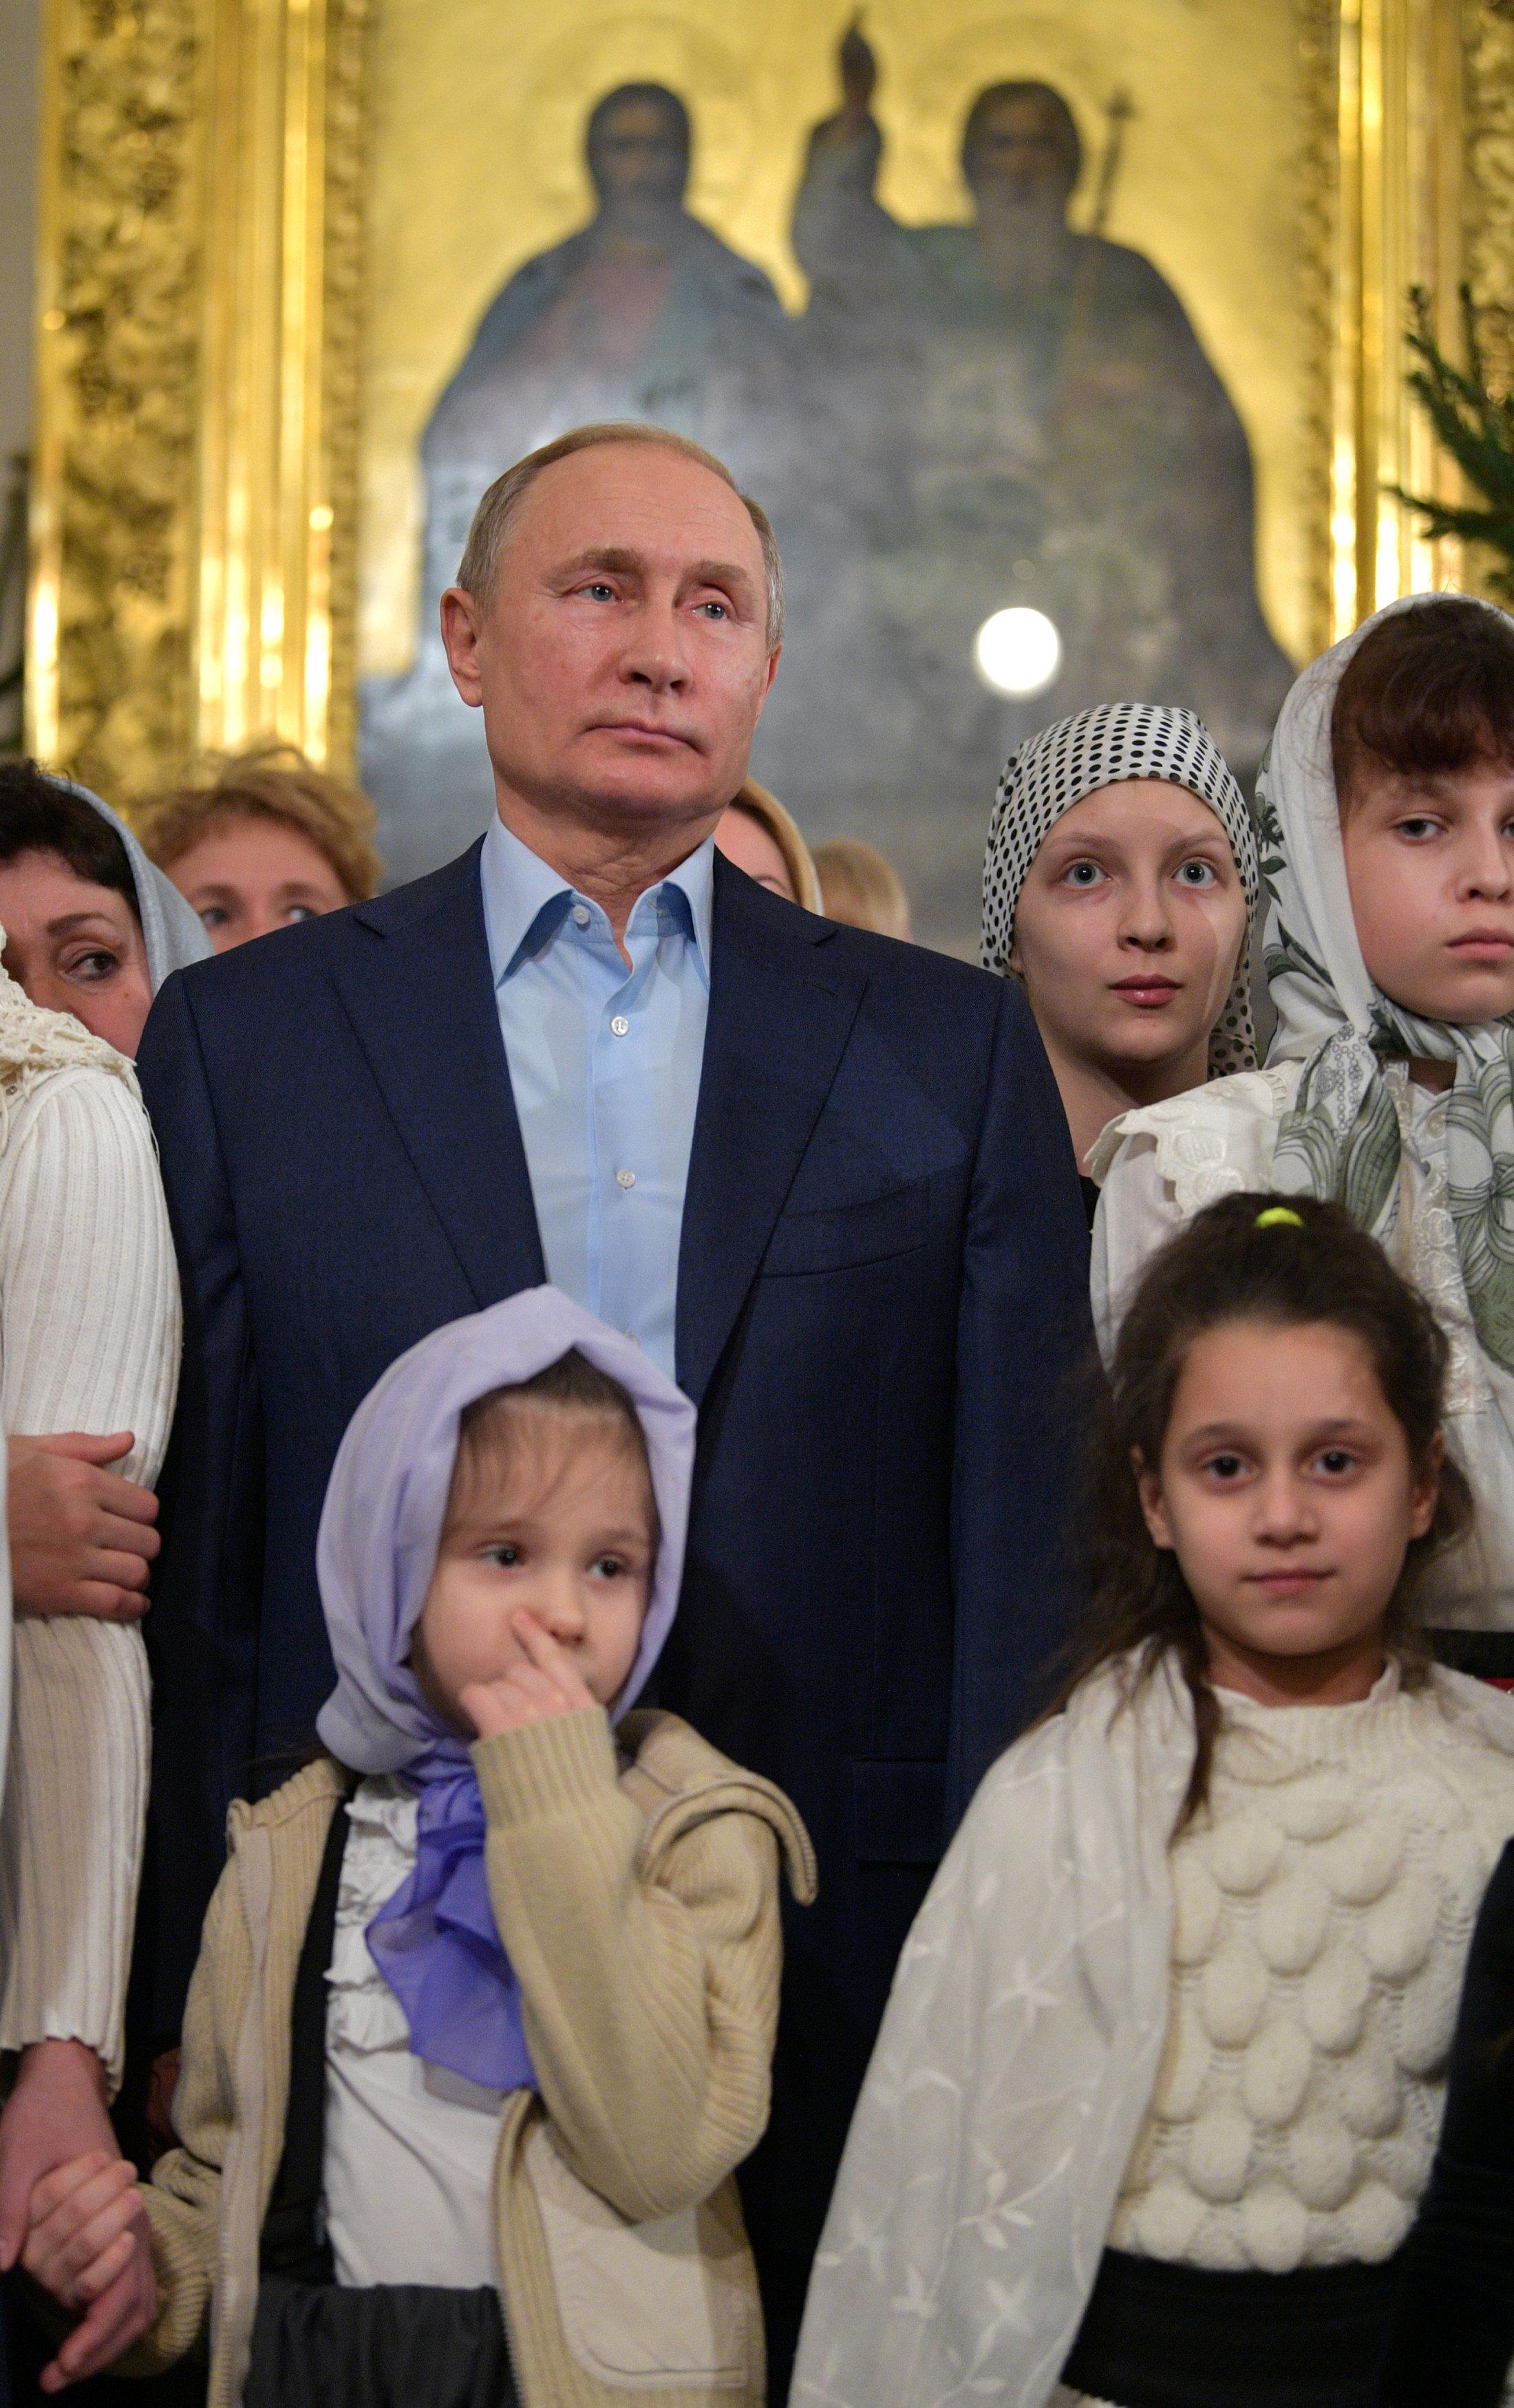 الرئيس بوتين يحضر قداس عيد الميلاد فى إحدى كنائس (4)